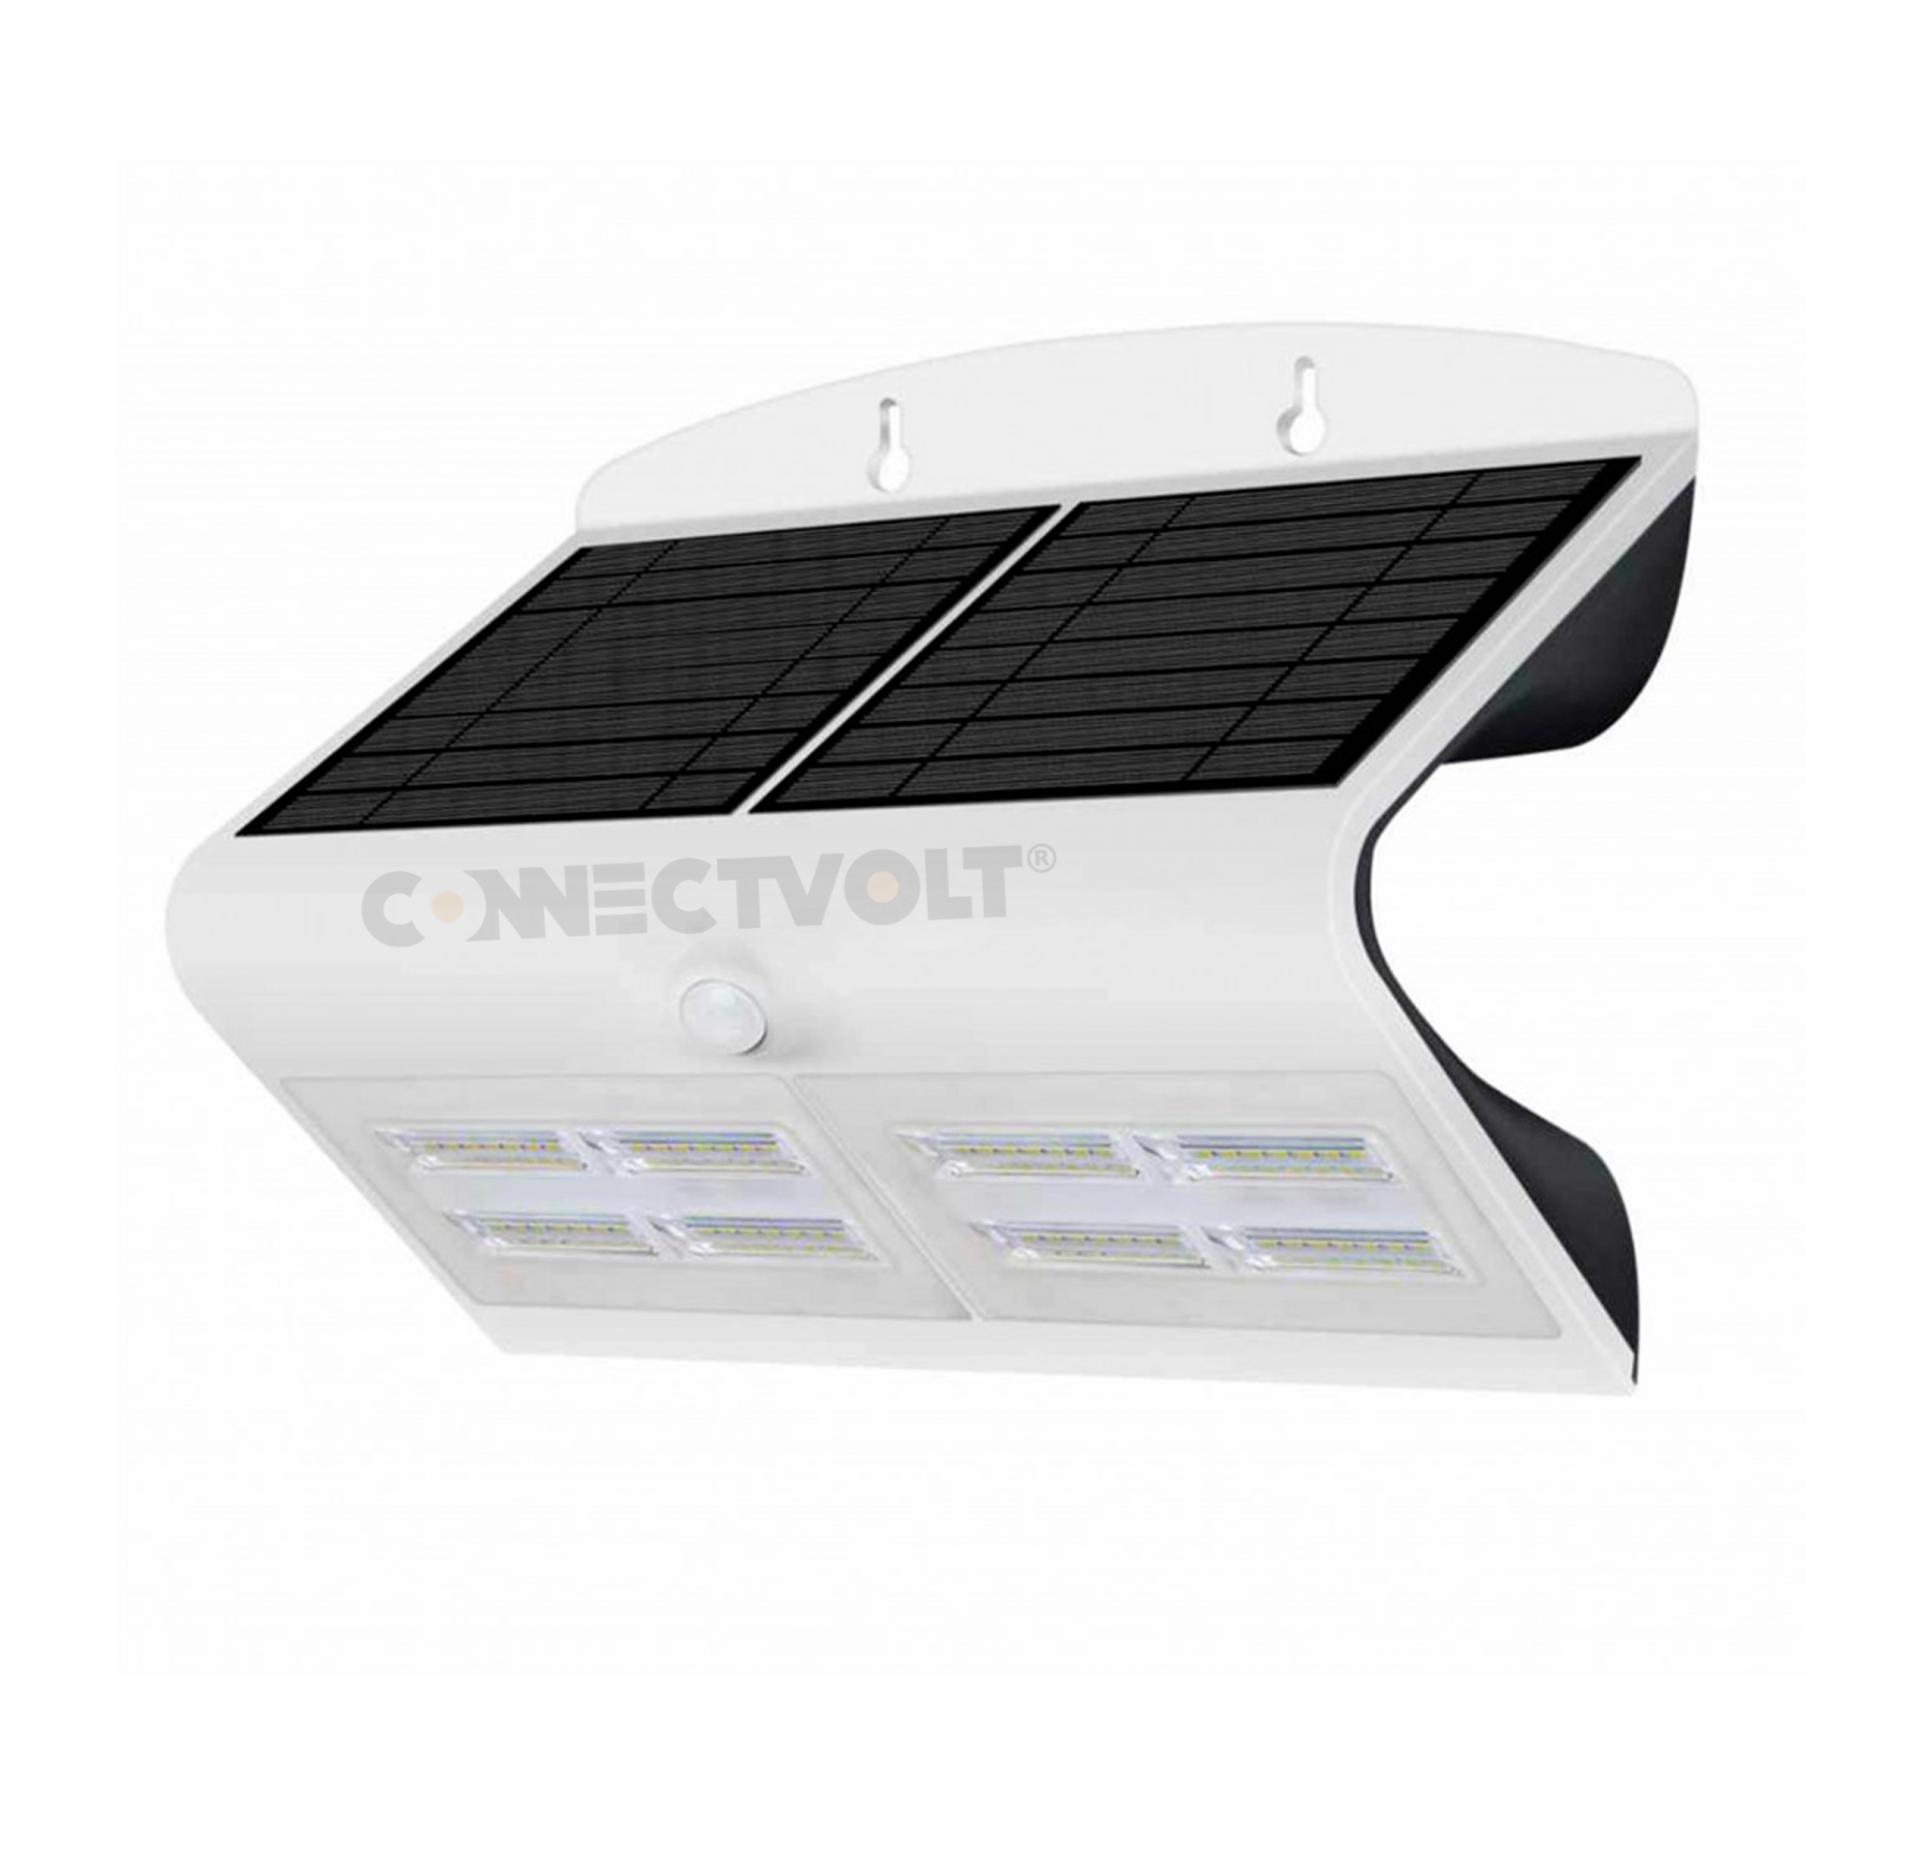 LED Luminária SOLAR 6.8W 6000K com Sensor